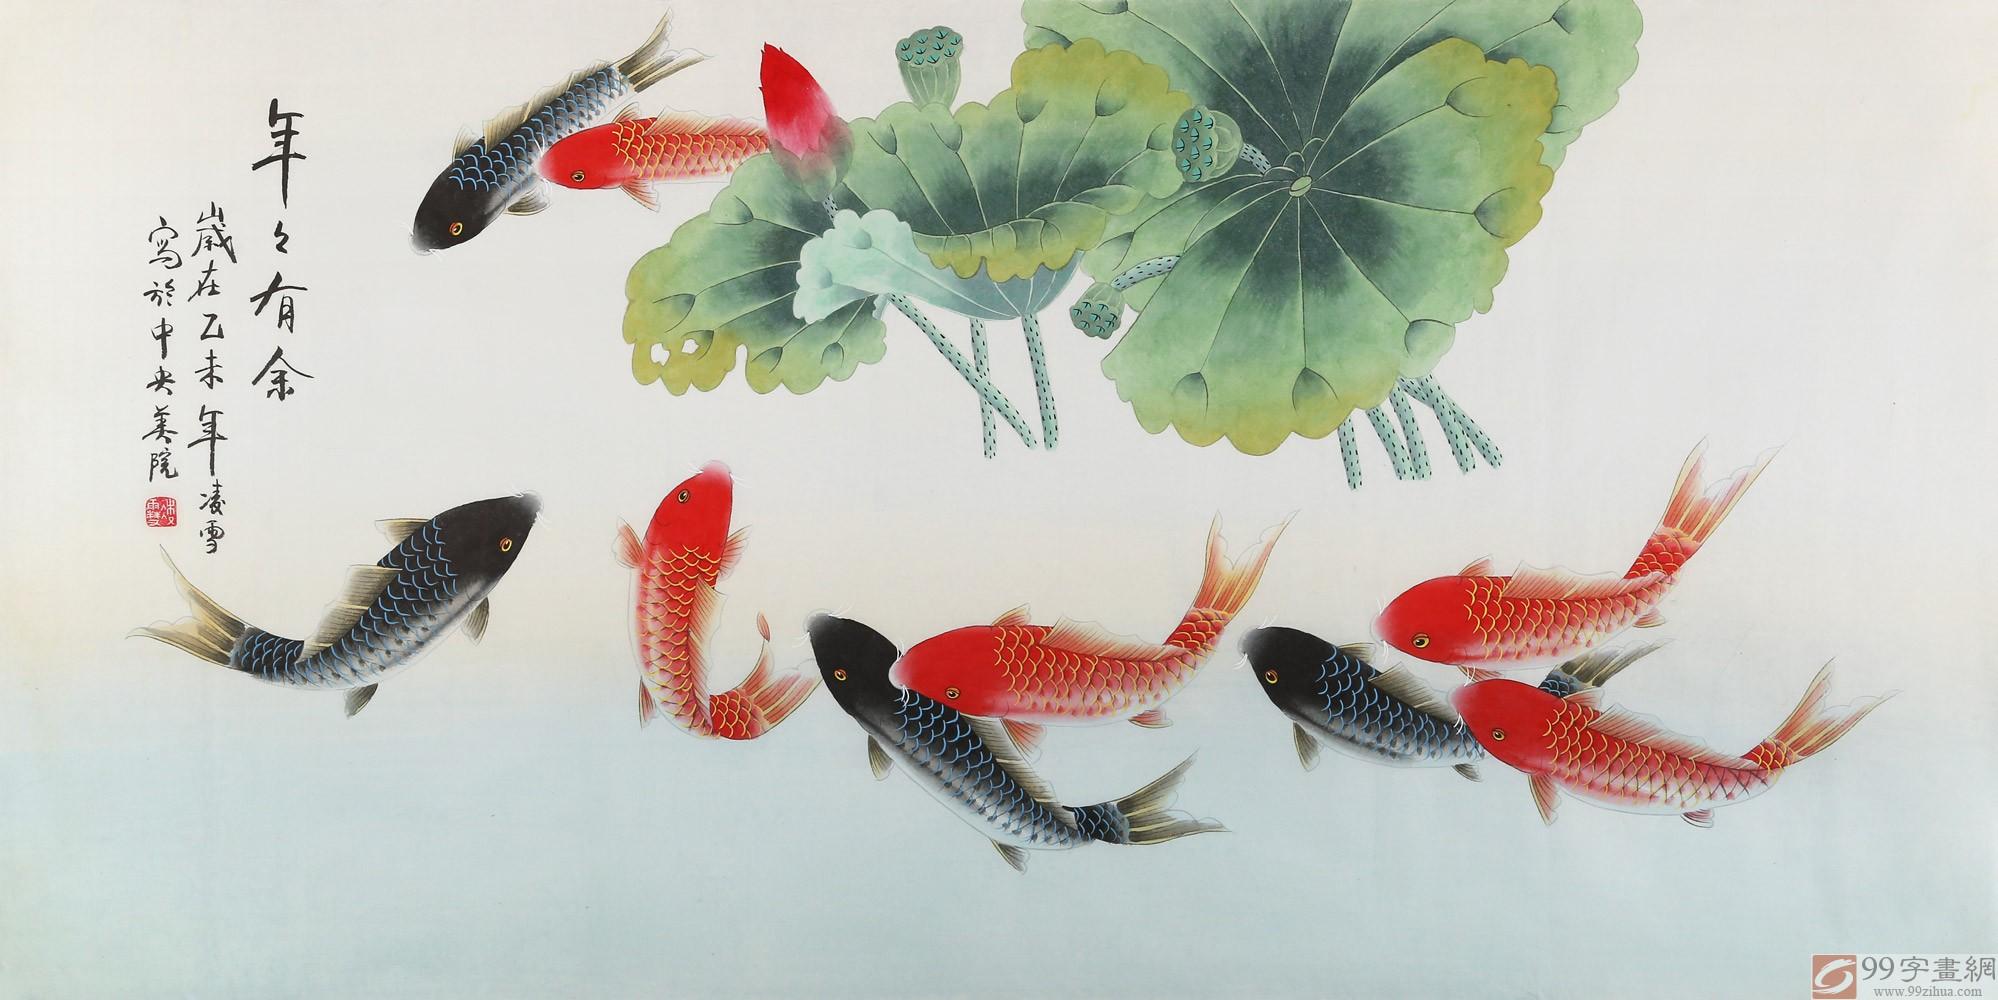 北京美协凌雪四尺 年年有余 花鸟画 九鱼图 九鱼图